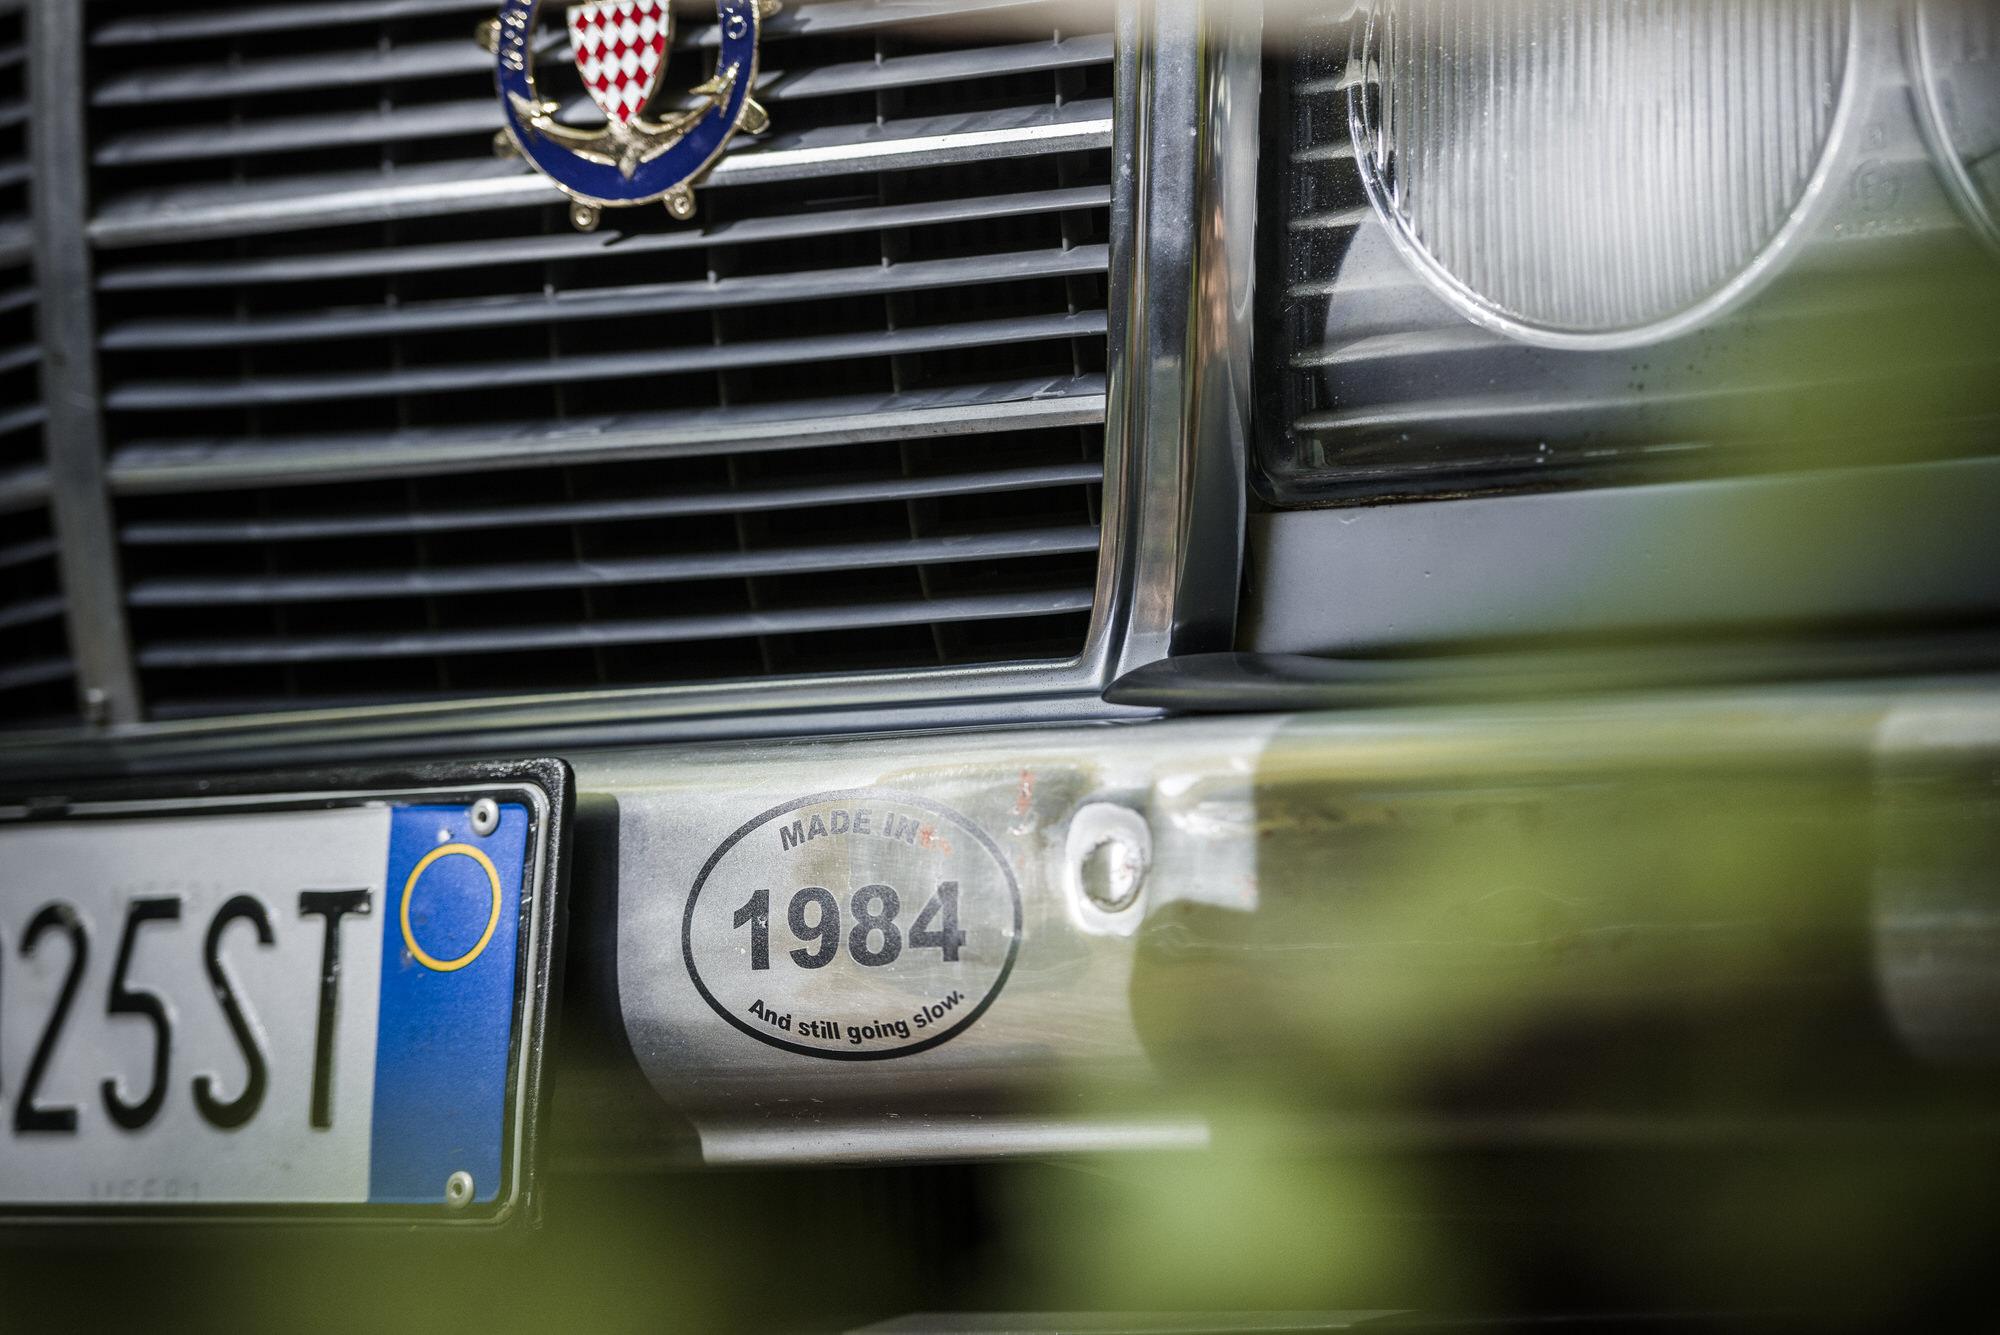 044 FilippoMolena NEC Merc+Toyo FRD4523